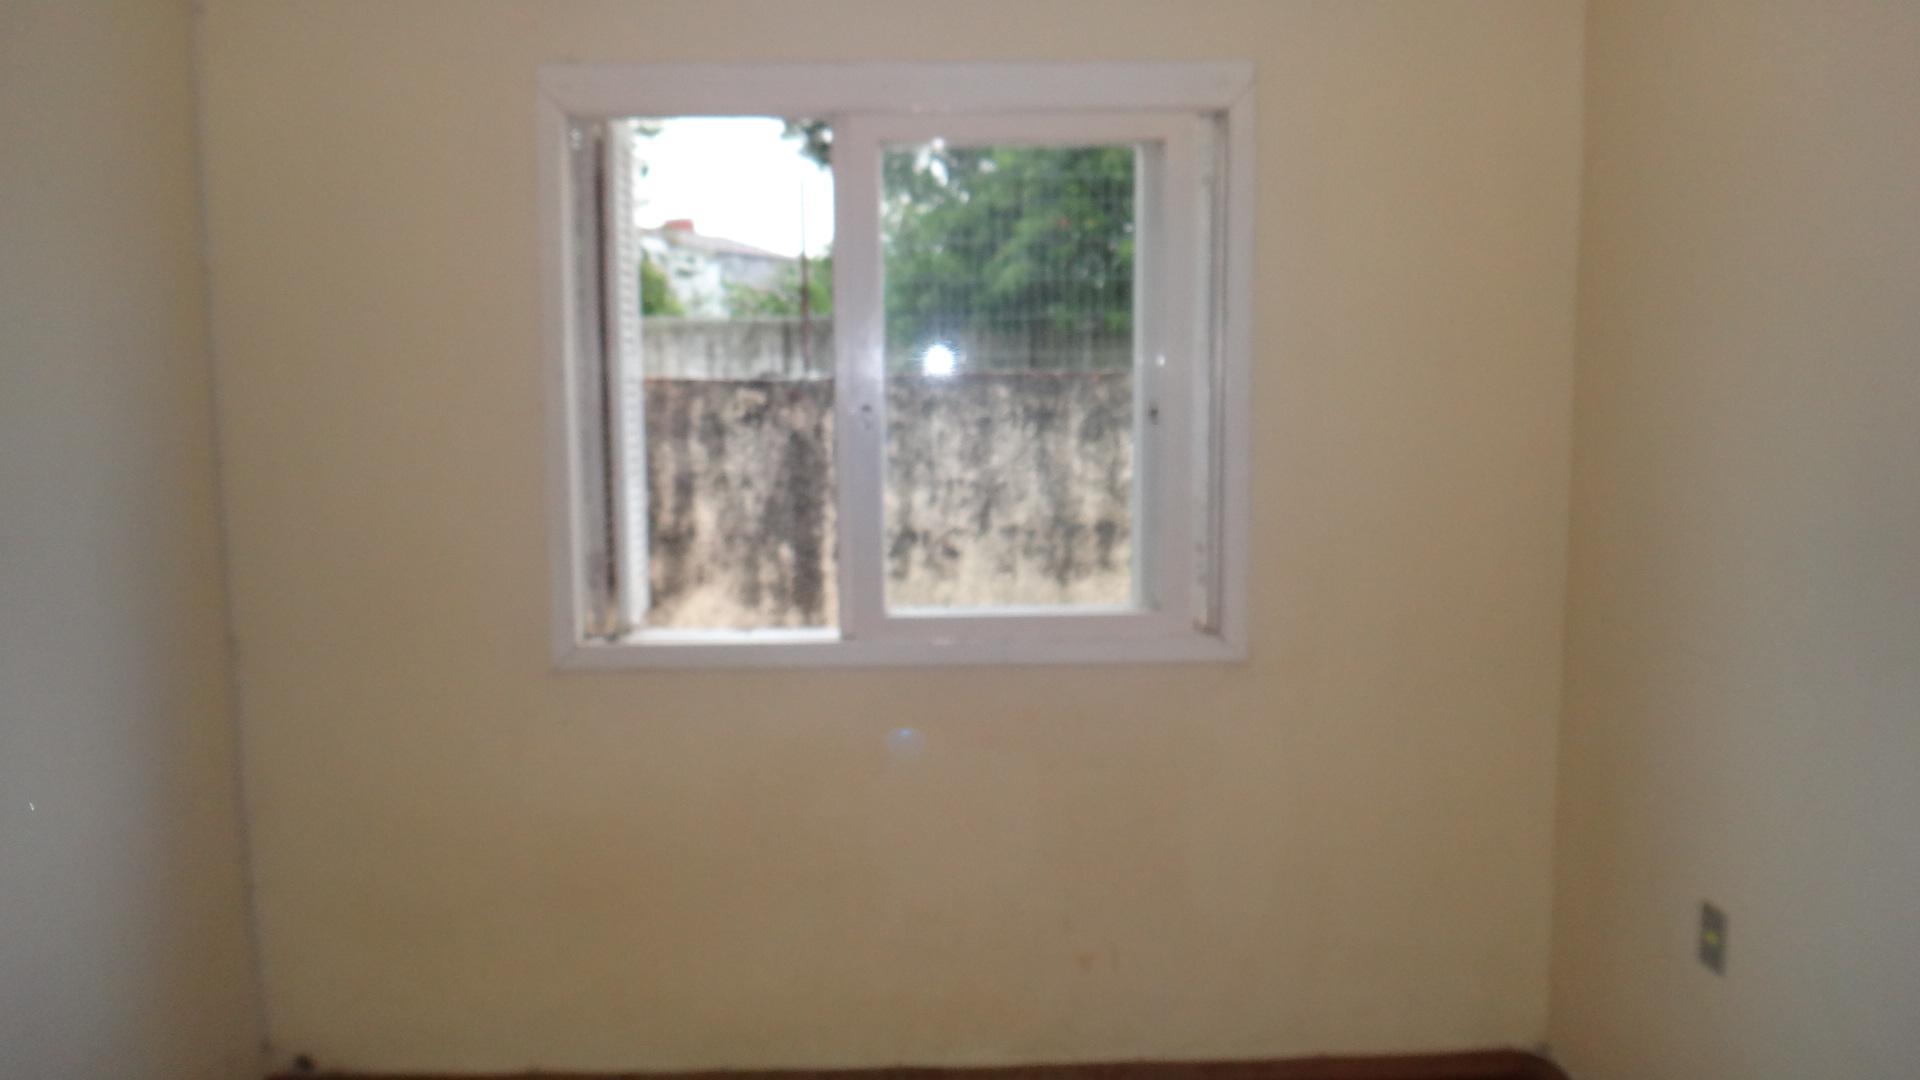 Casa para alugar  com  1 quarto no bairro AREAL em PELOTAS/RS